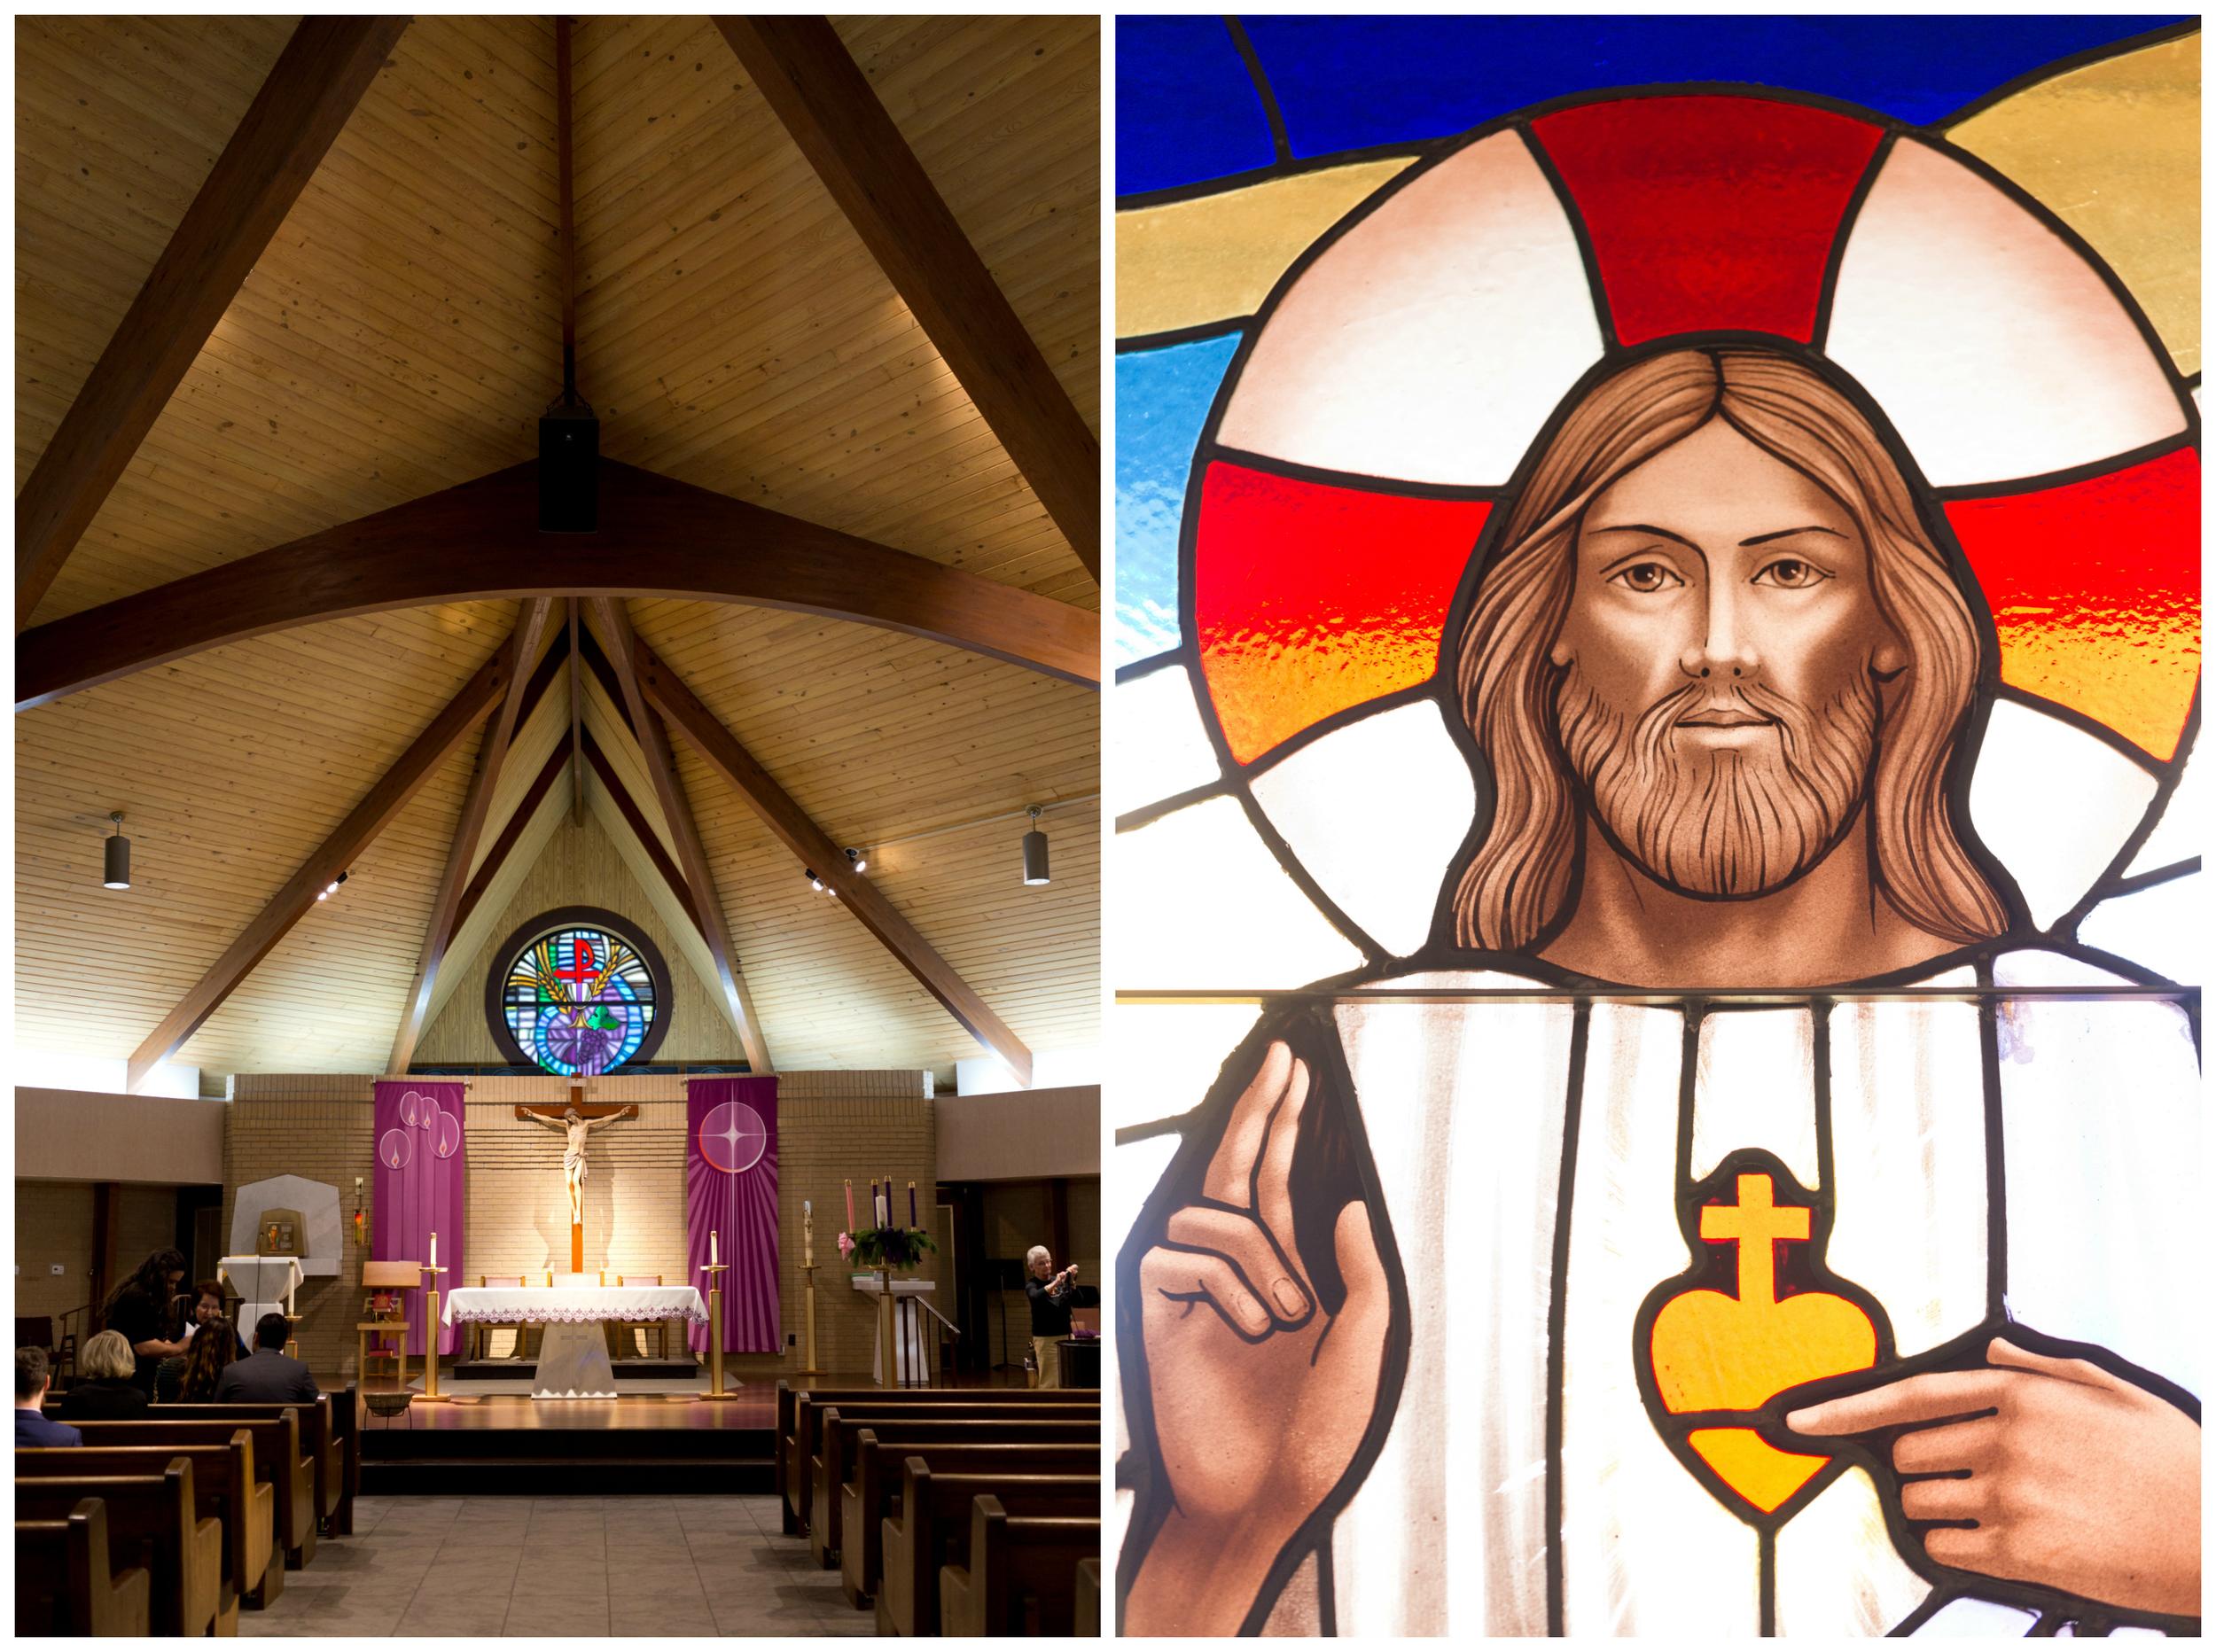 sanctuary and stained glass window (Jesus) at St. Elizabeth Seton Catholic Church